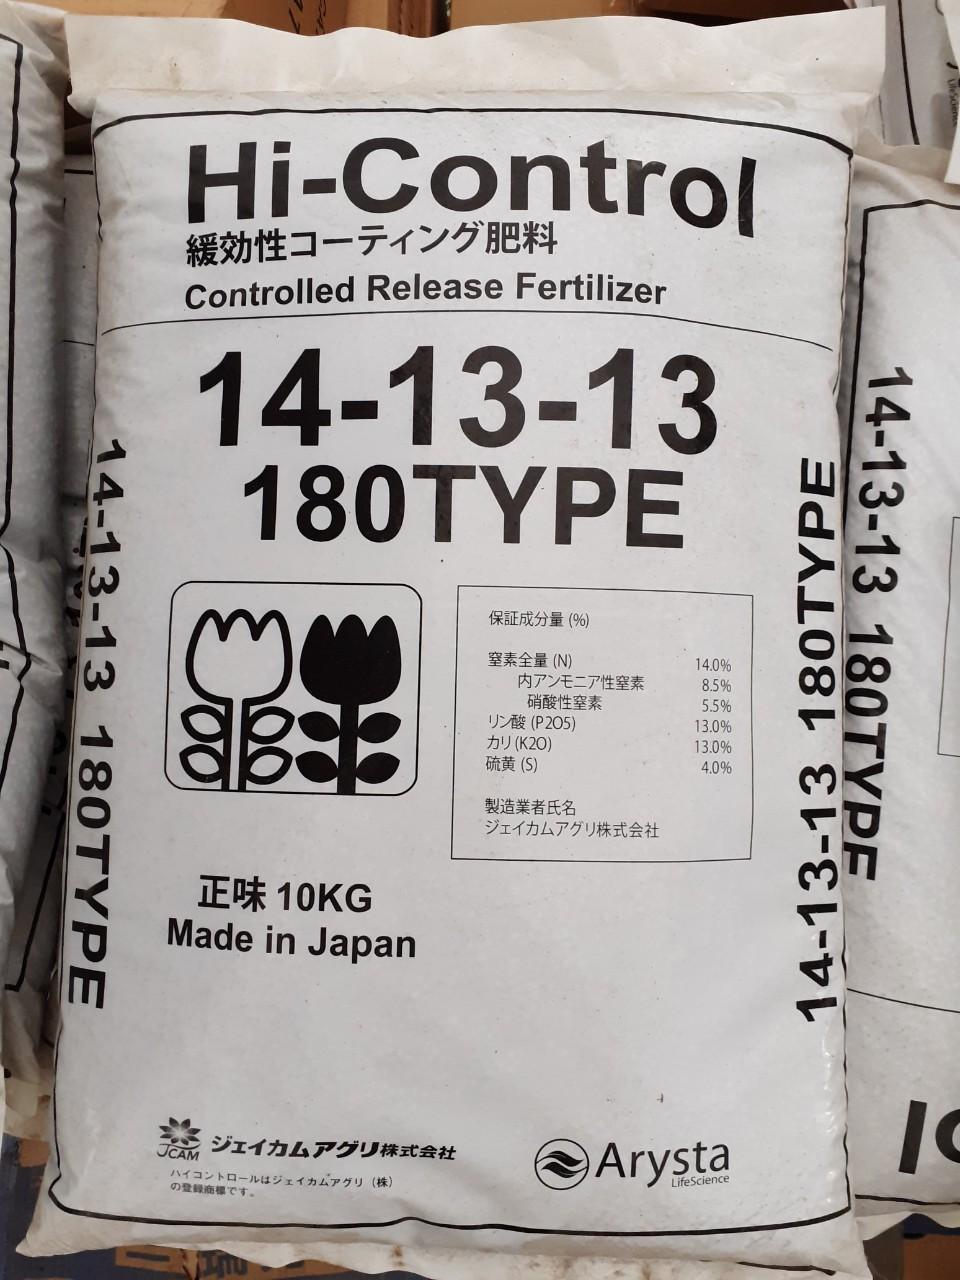 HI-CONTROL 14-13-13 180 TYPE, Tối Ưu Hóa Lương Dưỡng Chất Cho Cây , Trọng Lượng 10kg